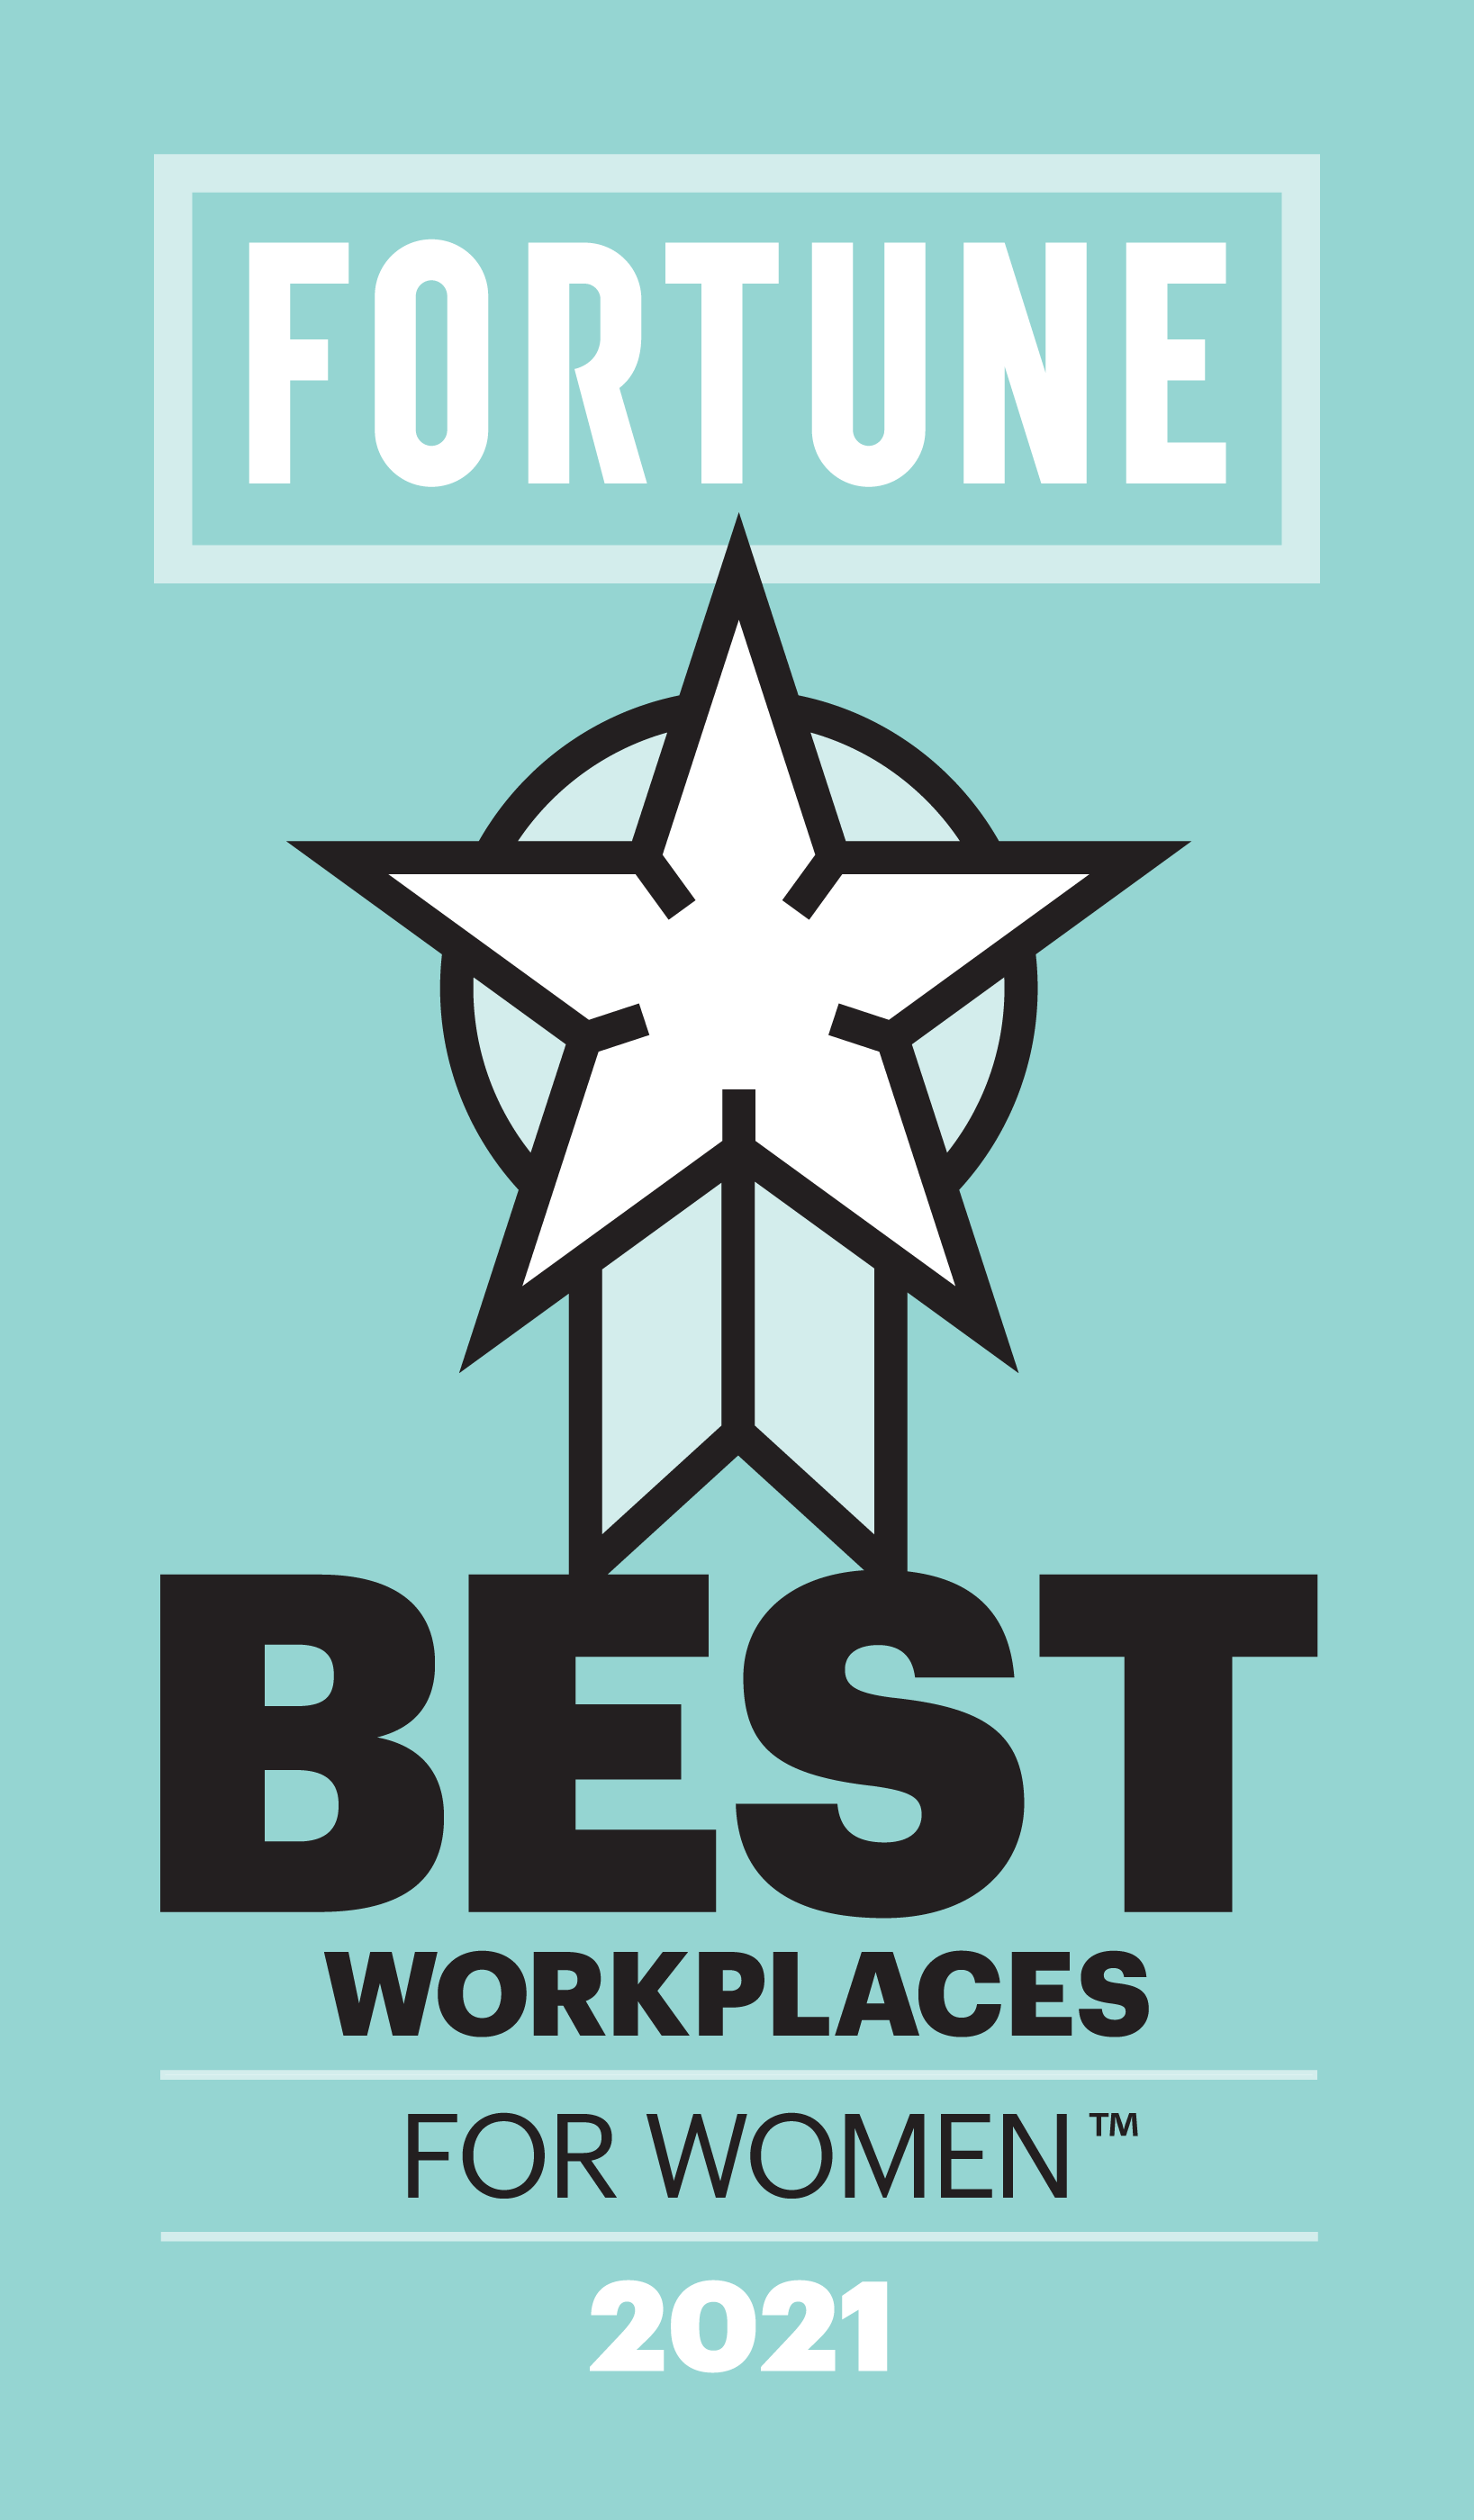 Fortune Best Workplace Women 2021